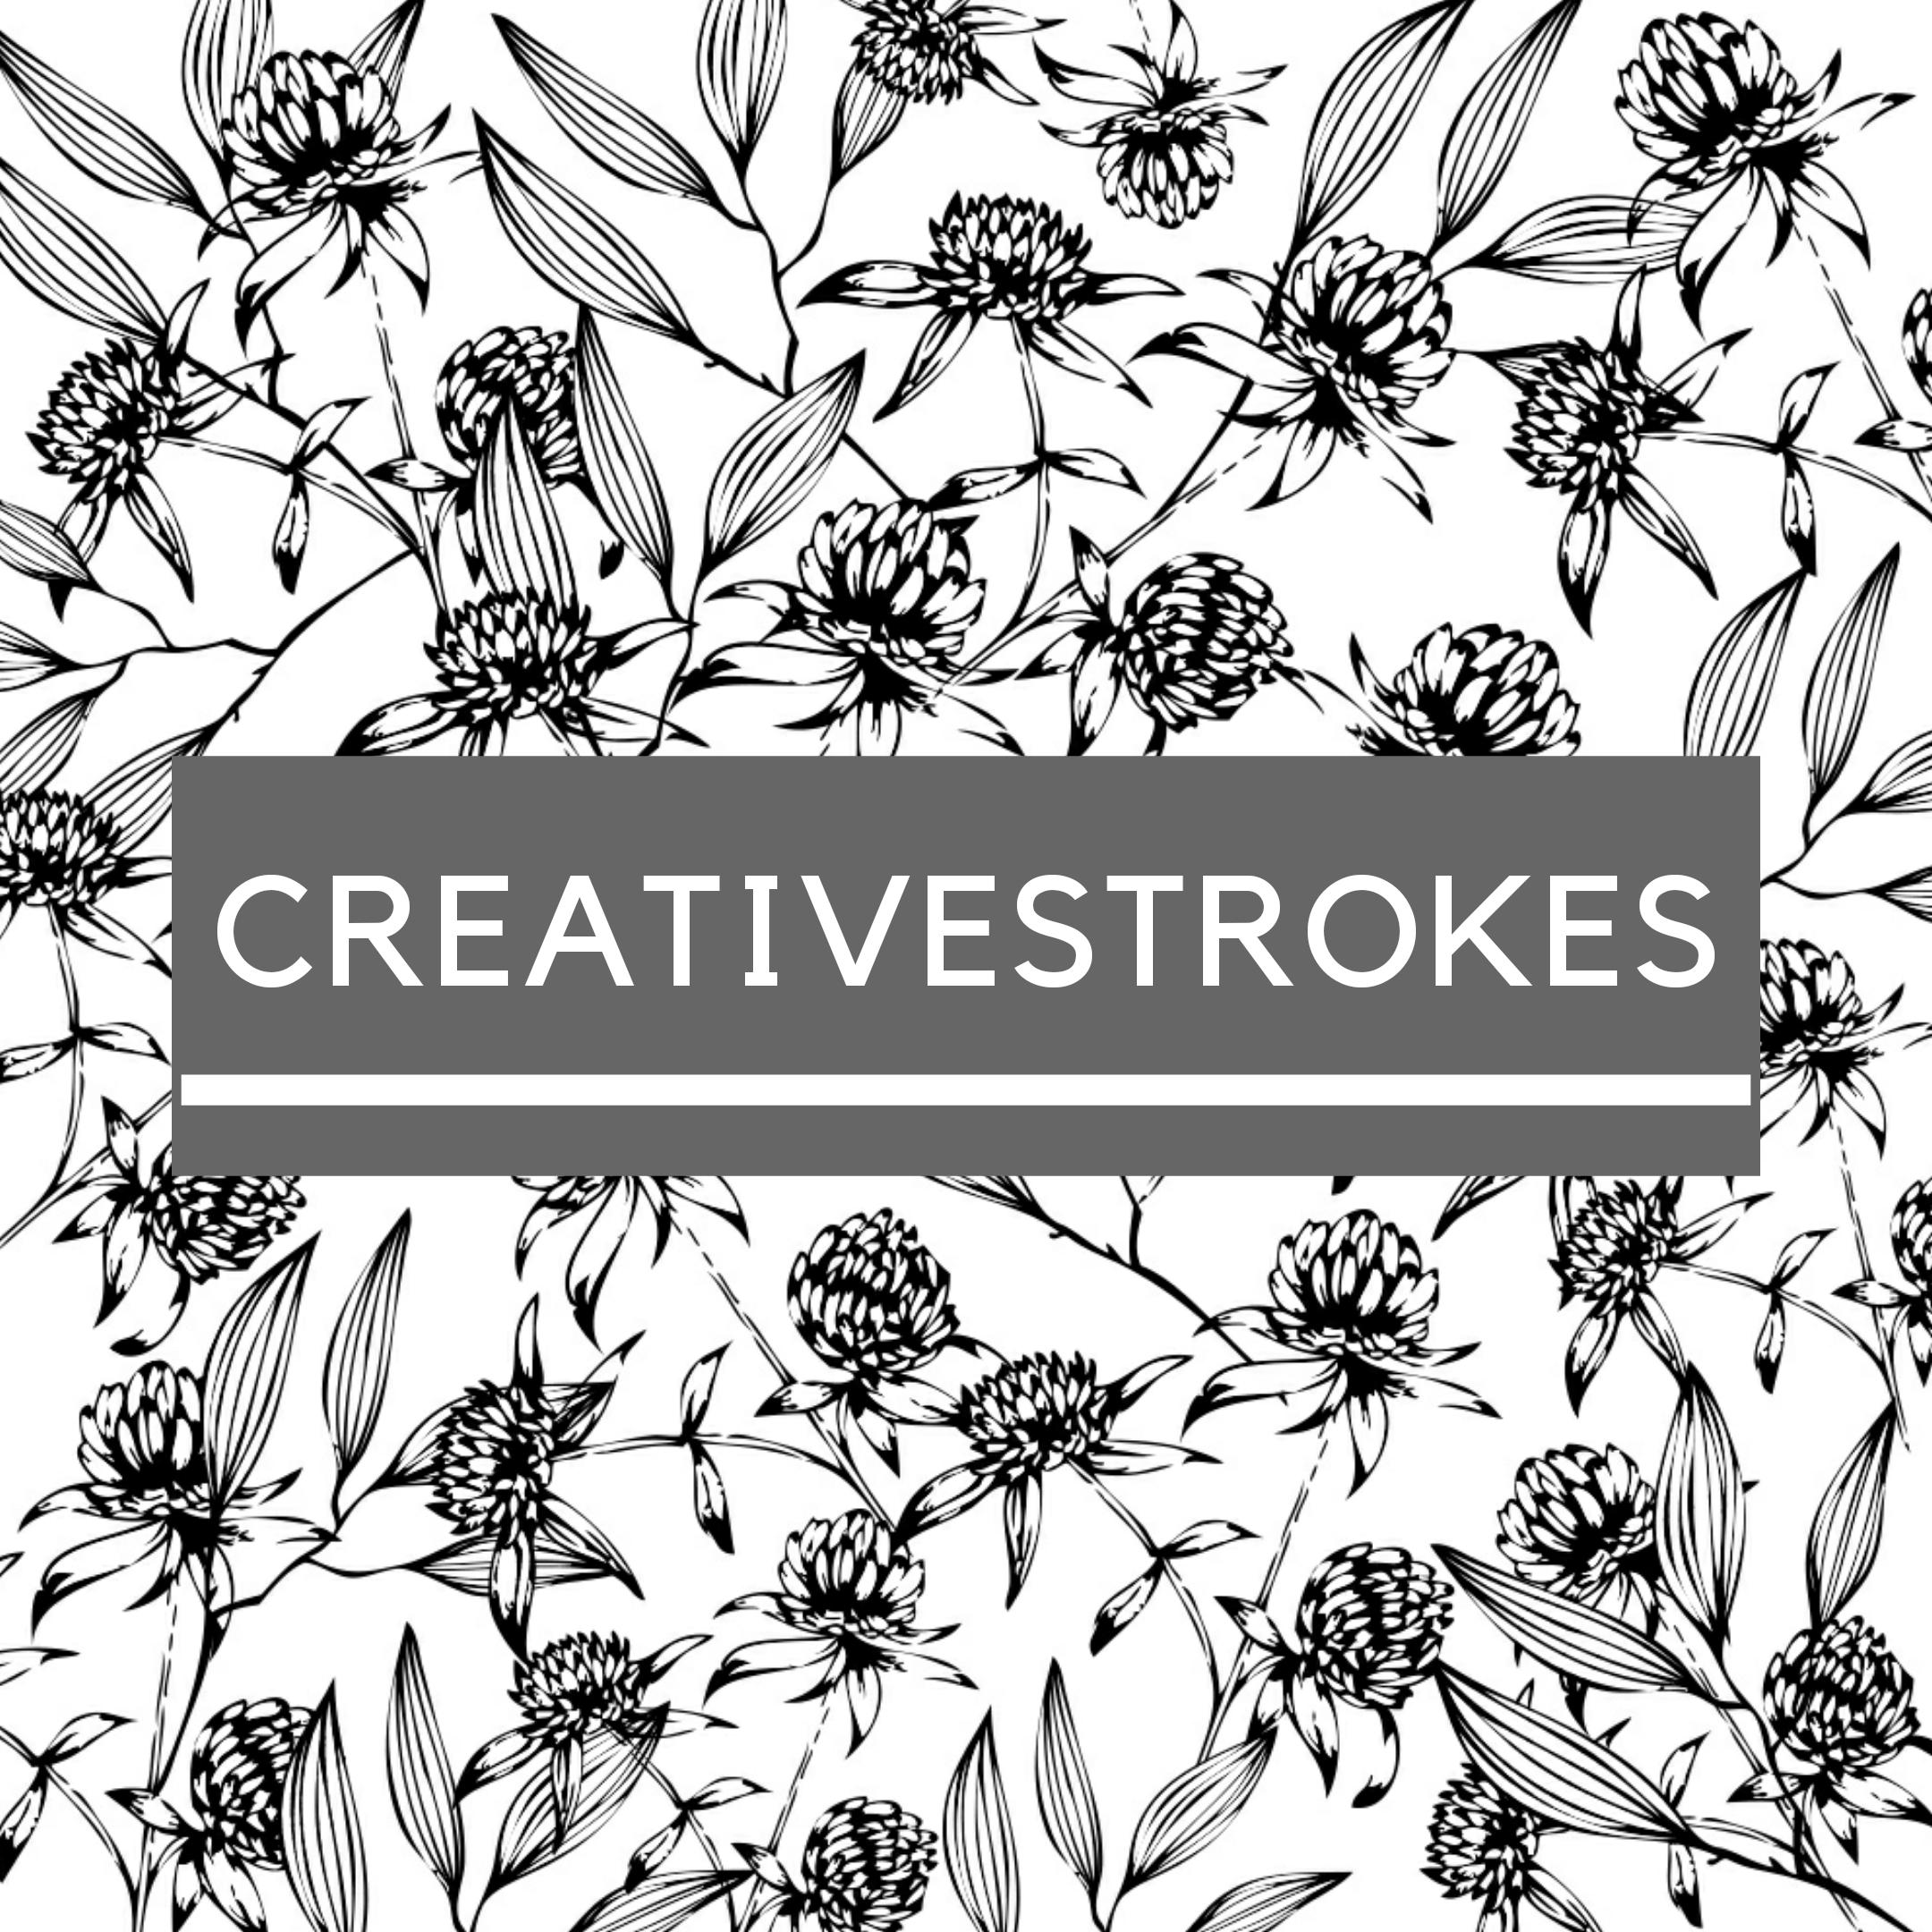 Creativestrokes